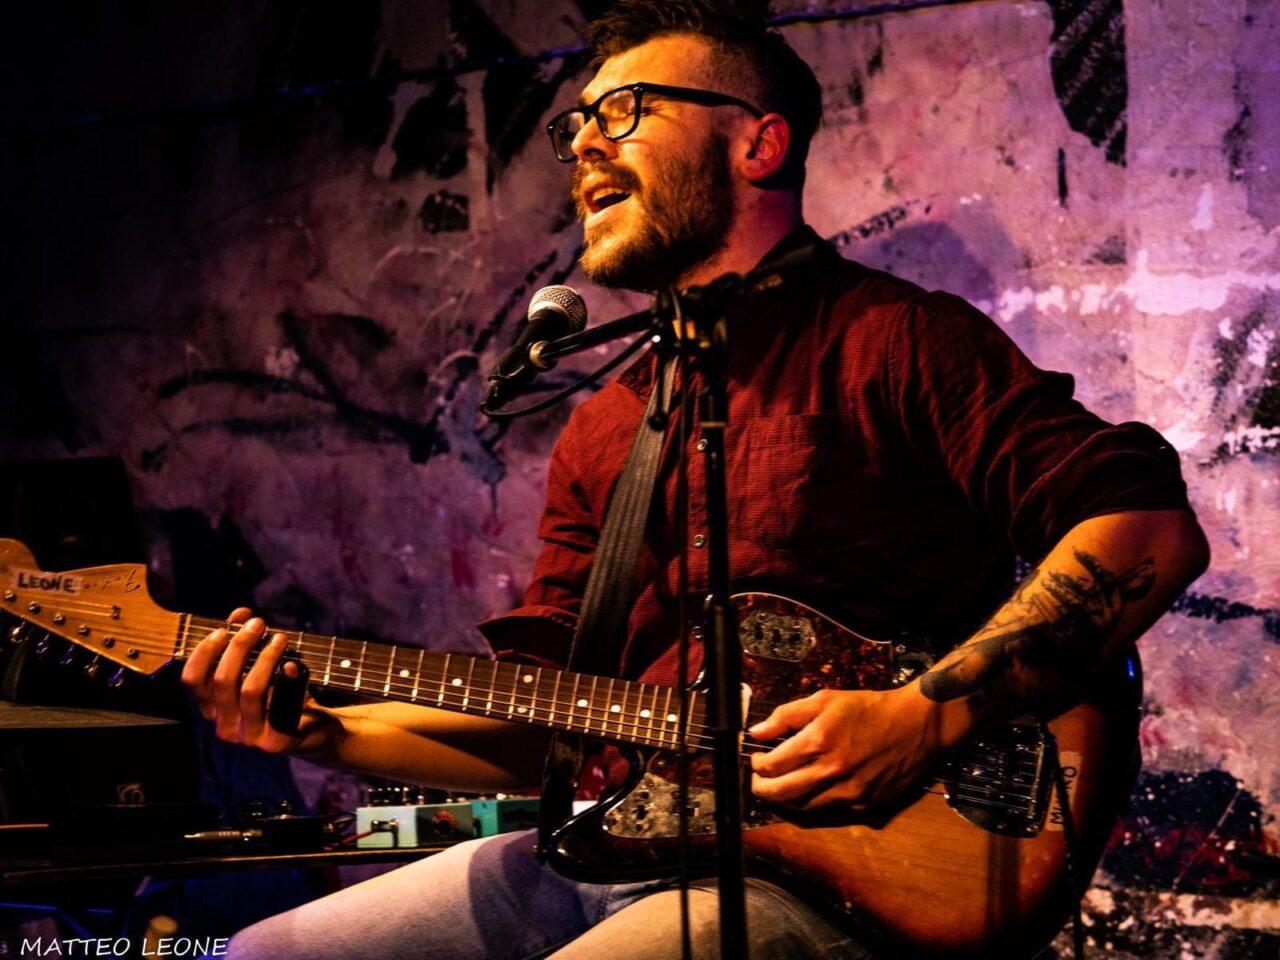 Matteo Leone - Masami Gan-Fune - Talkin' Blues - intervista - Cagliari Blues Radio Station - Simone Murru - 2021 - Sa Scena - 27 marzo 2021